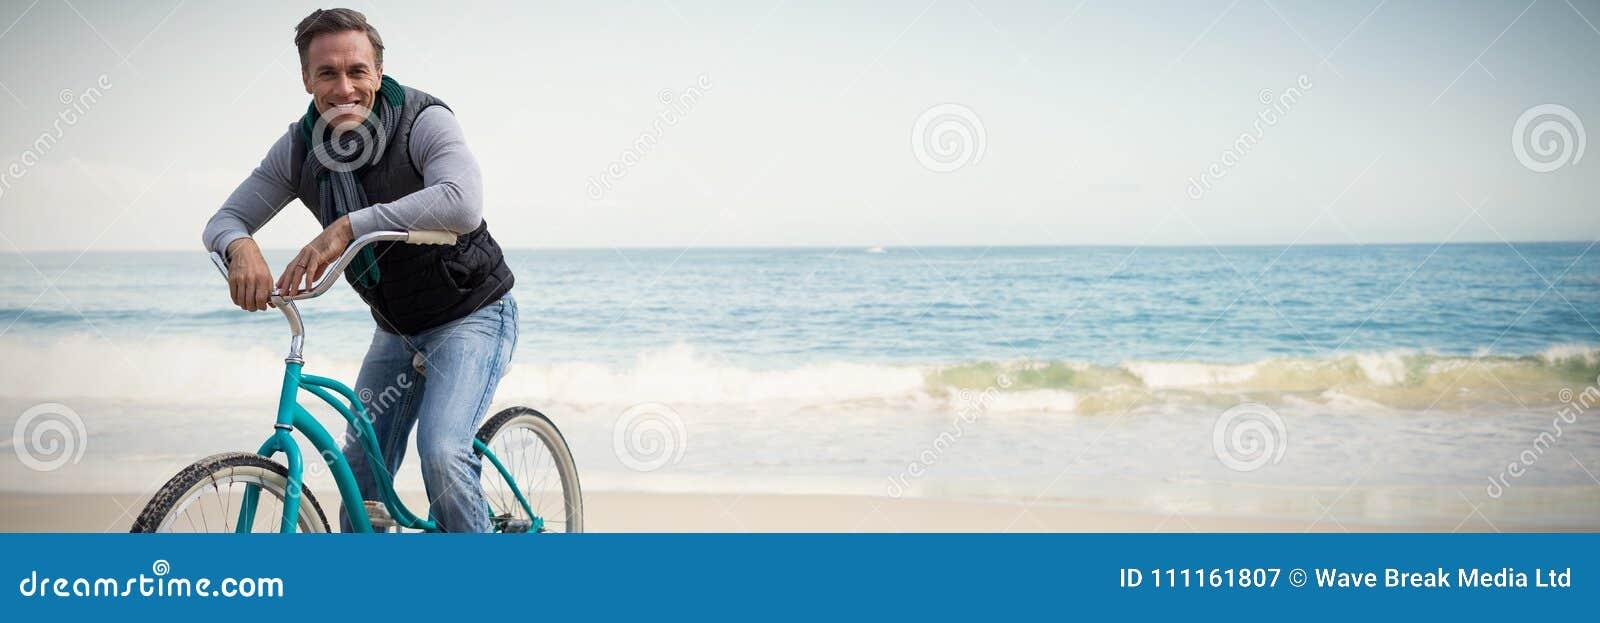 Samengesteld beeld van digitale samenstelling van de knappe mens op een fietsrit